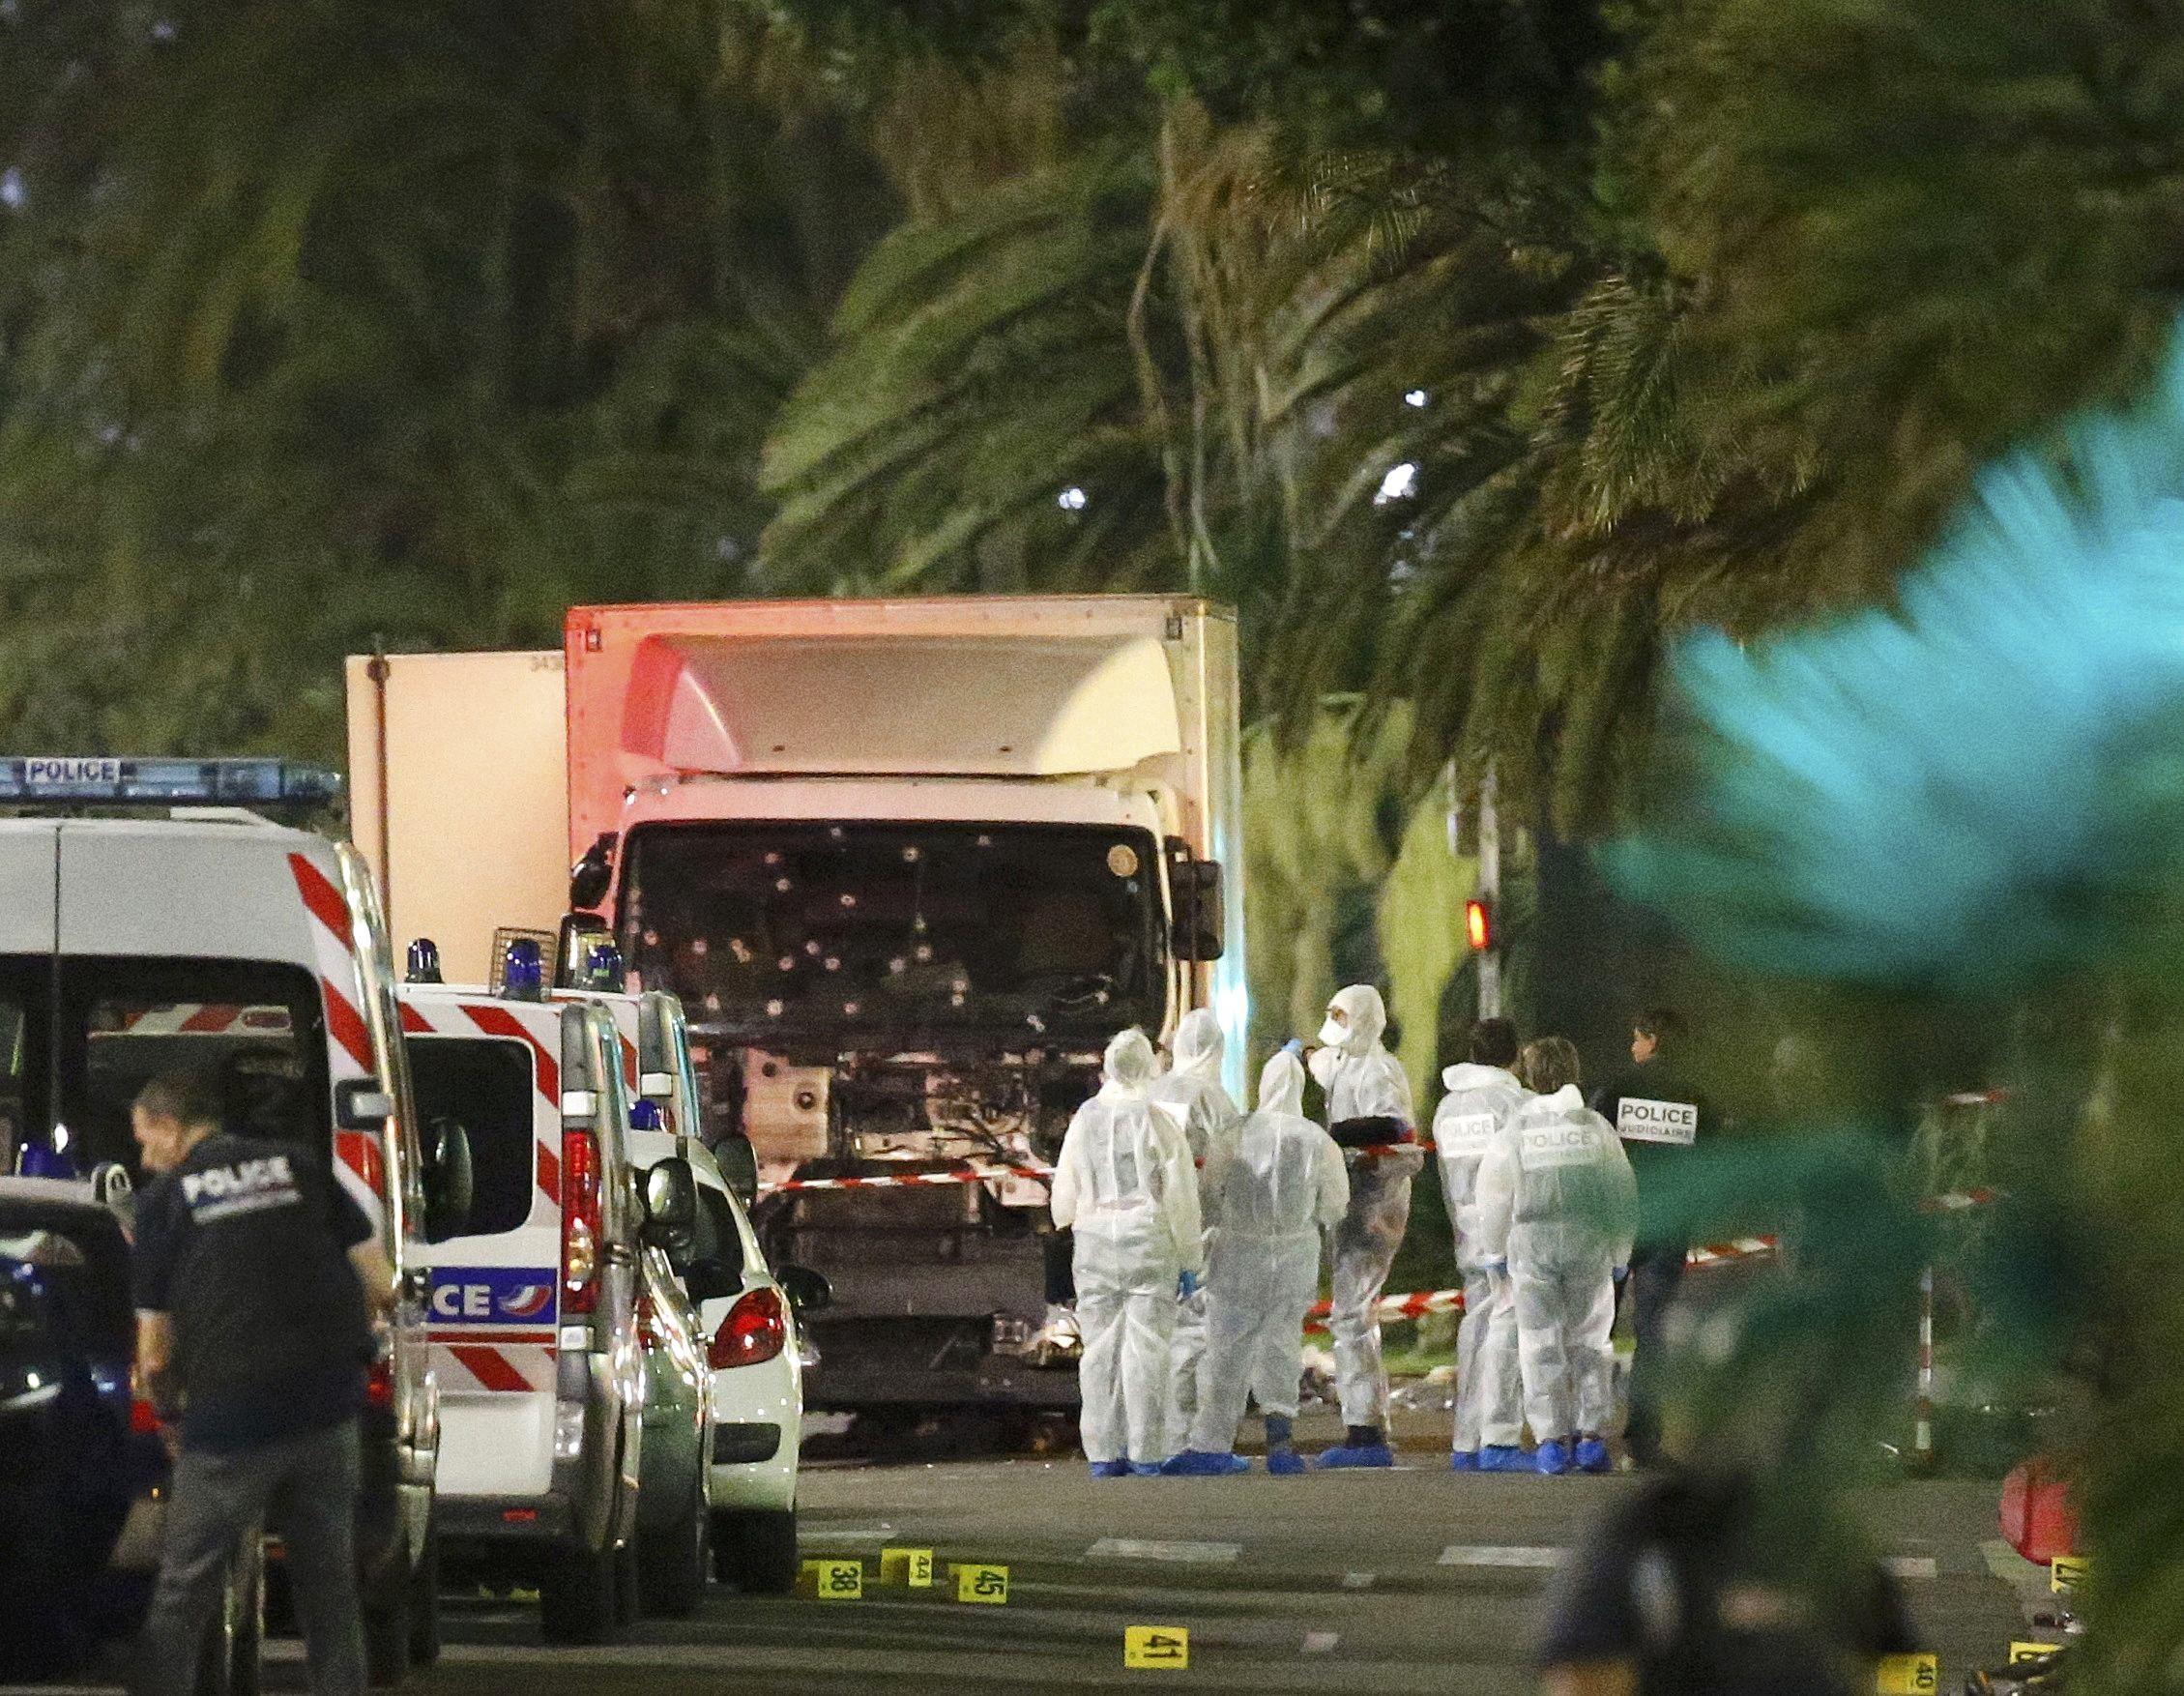 Polícia italiana prende homem apontado como cúmplice do autor do atentado com caminhão em Nice